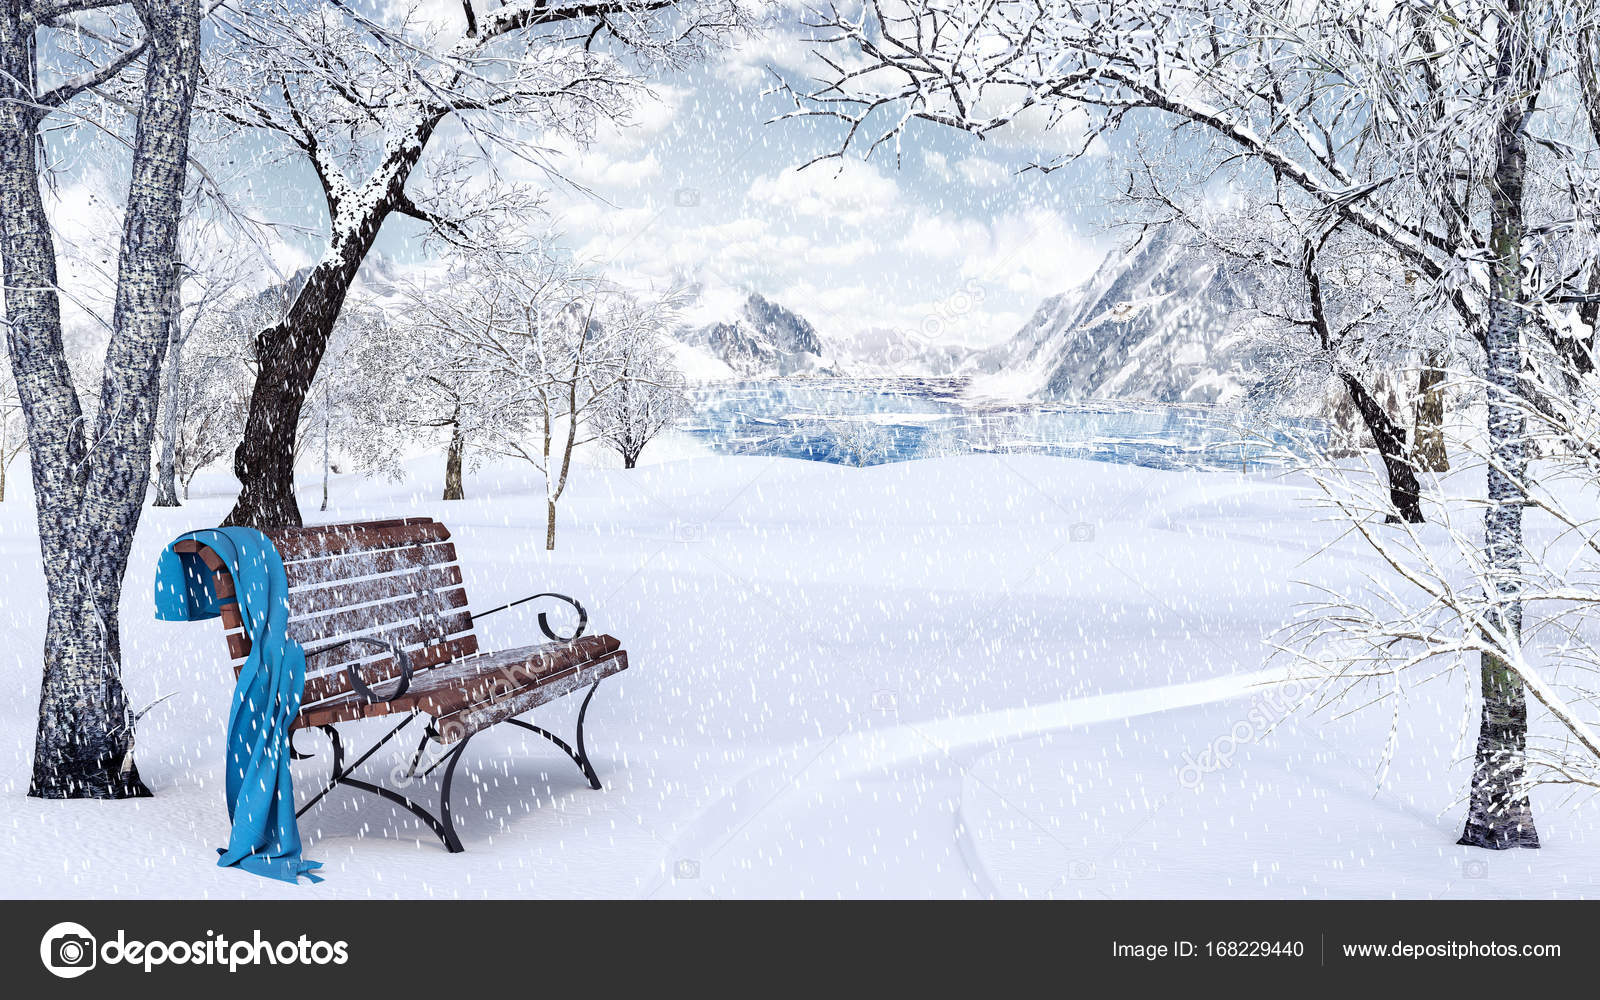 Immagini sfondi invernali con neve sfondo invernale con for Immagini inverno sfondi